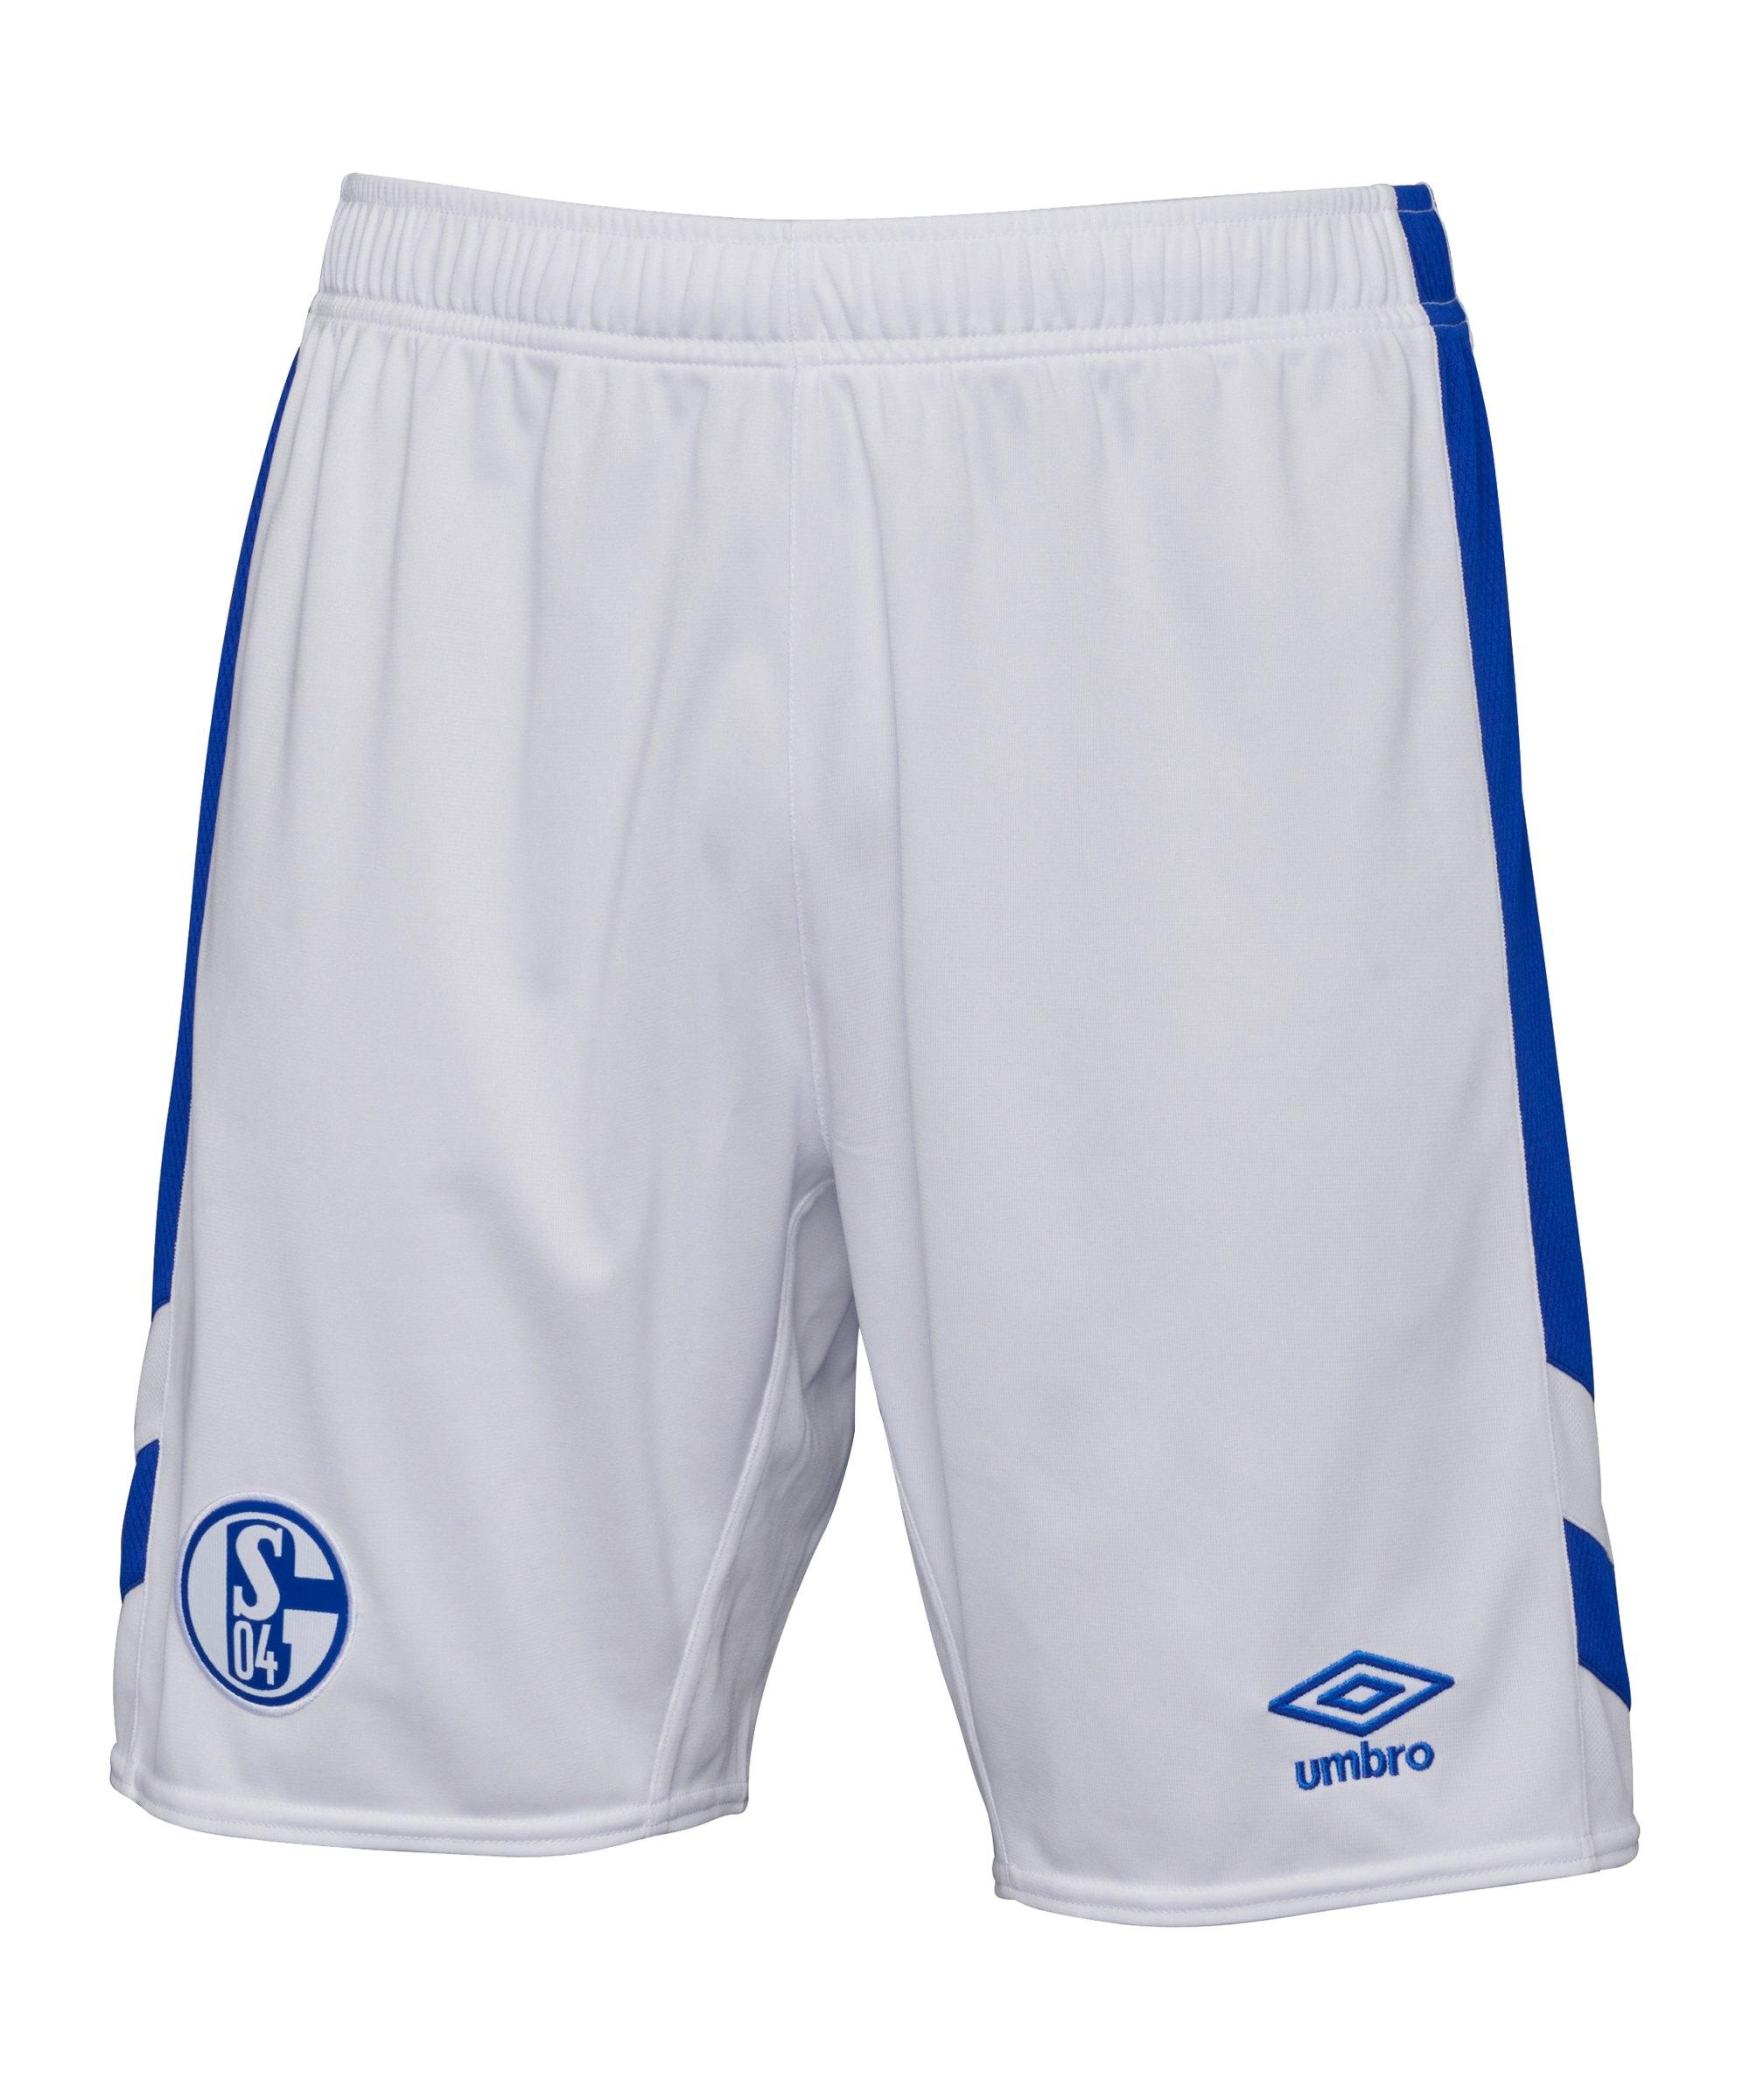 Umbro FC Schalke 04 Short Home 2021/2022 Weiss - weiss